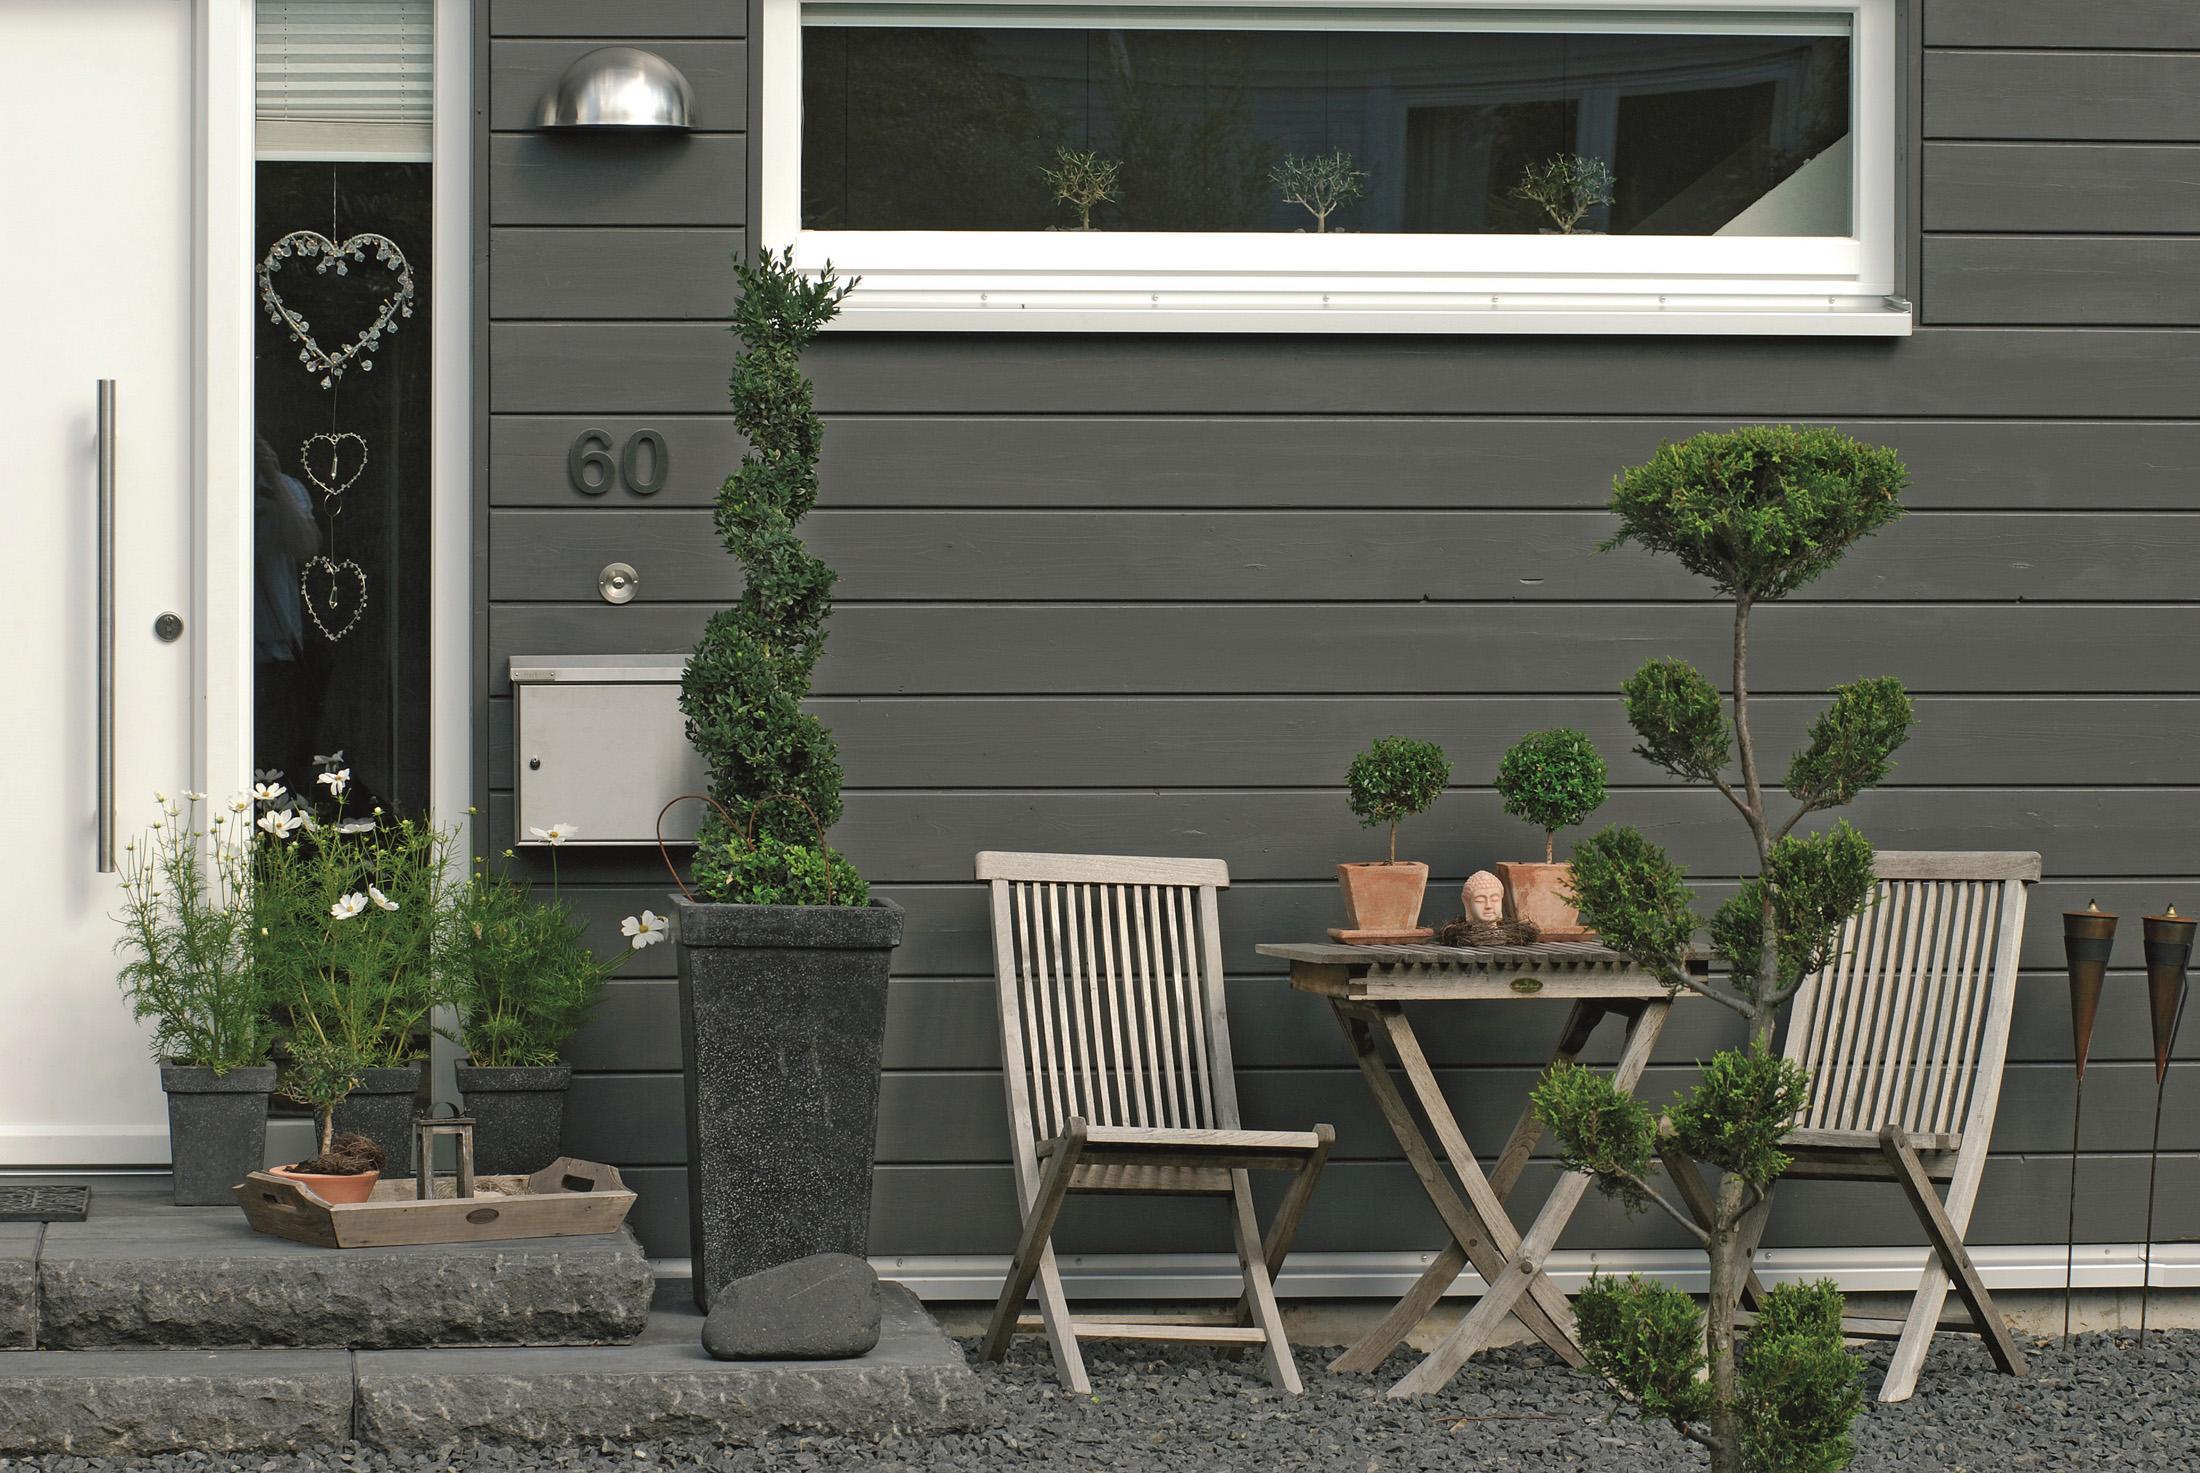 Vorgartengestaltung bilder ideen couchstyle for Vorgartengestaltung bilder